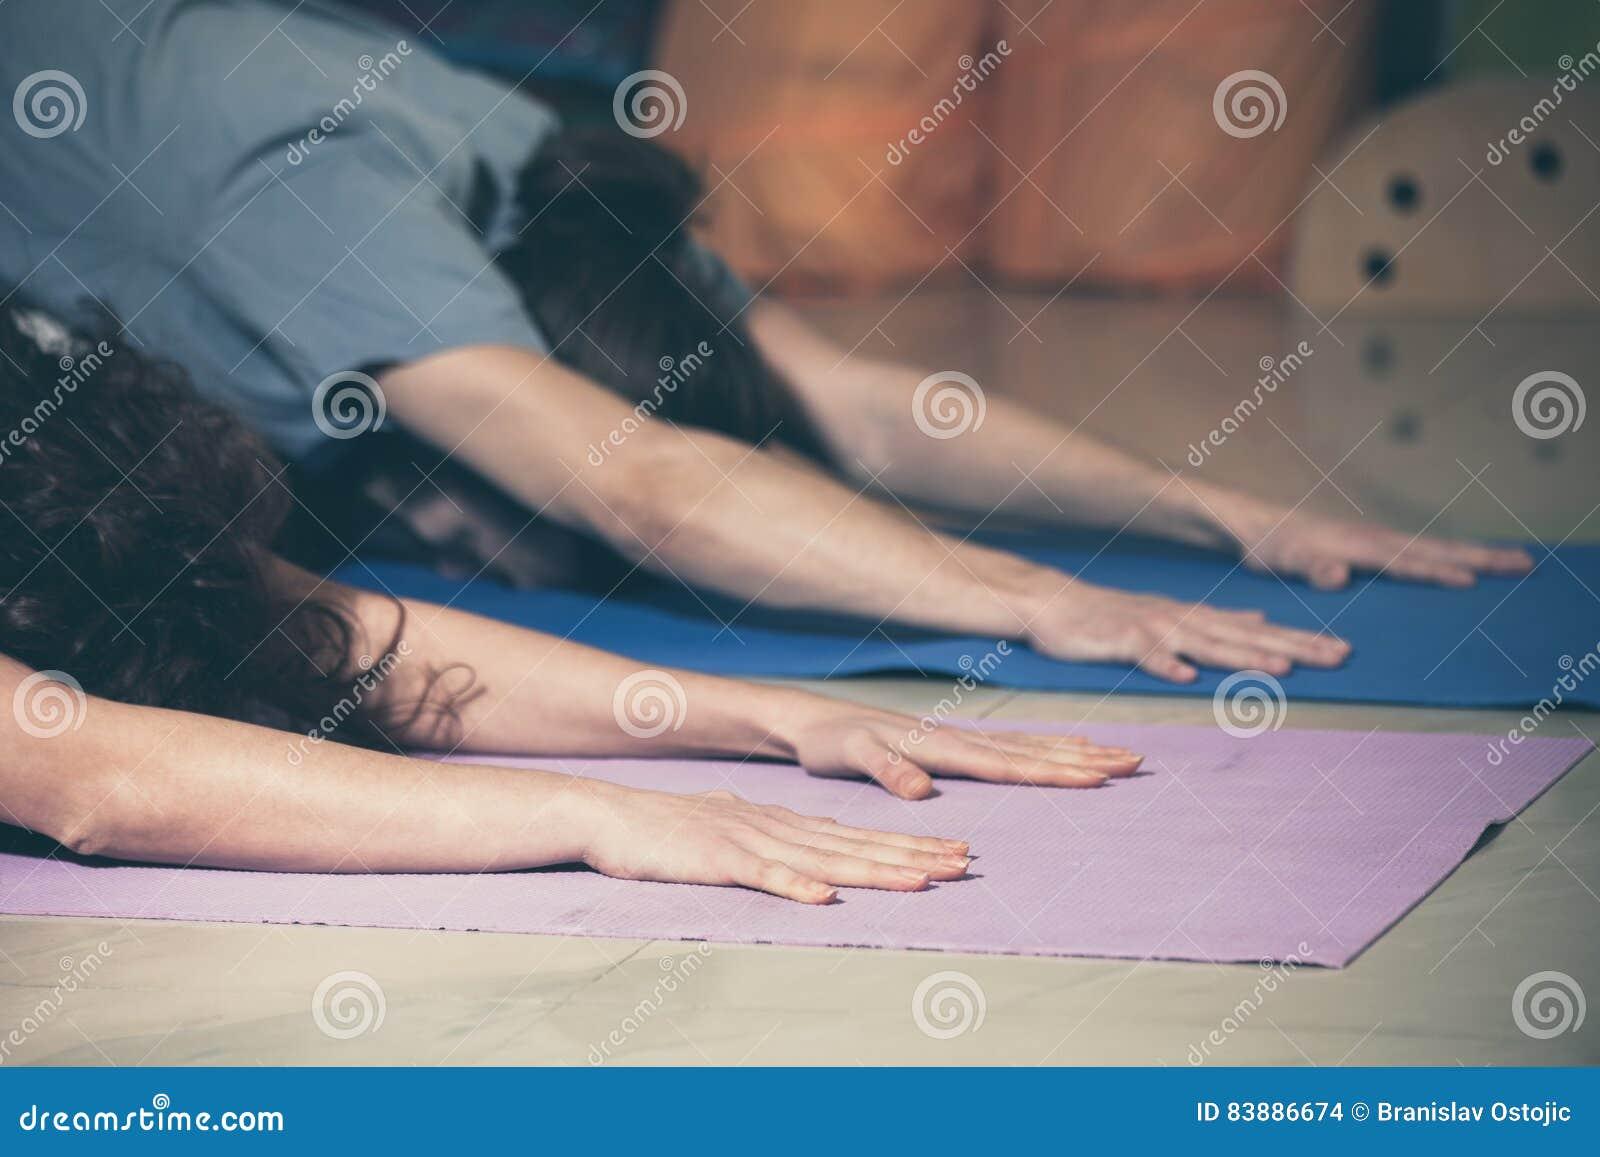 Folk på yogagrupp inomhus